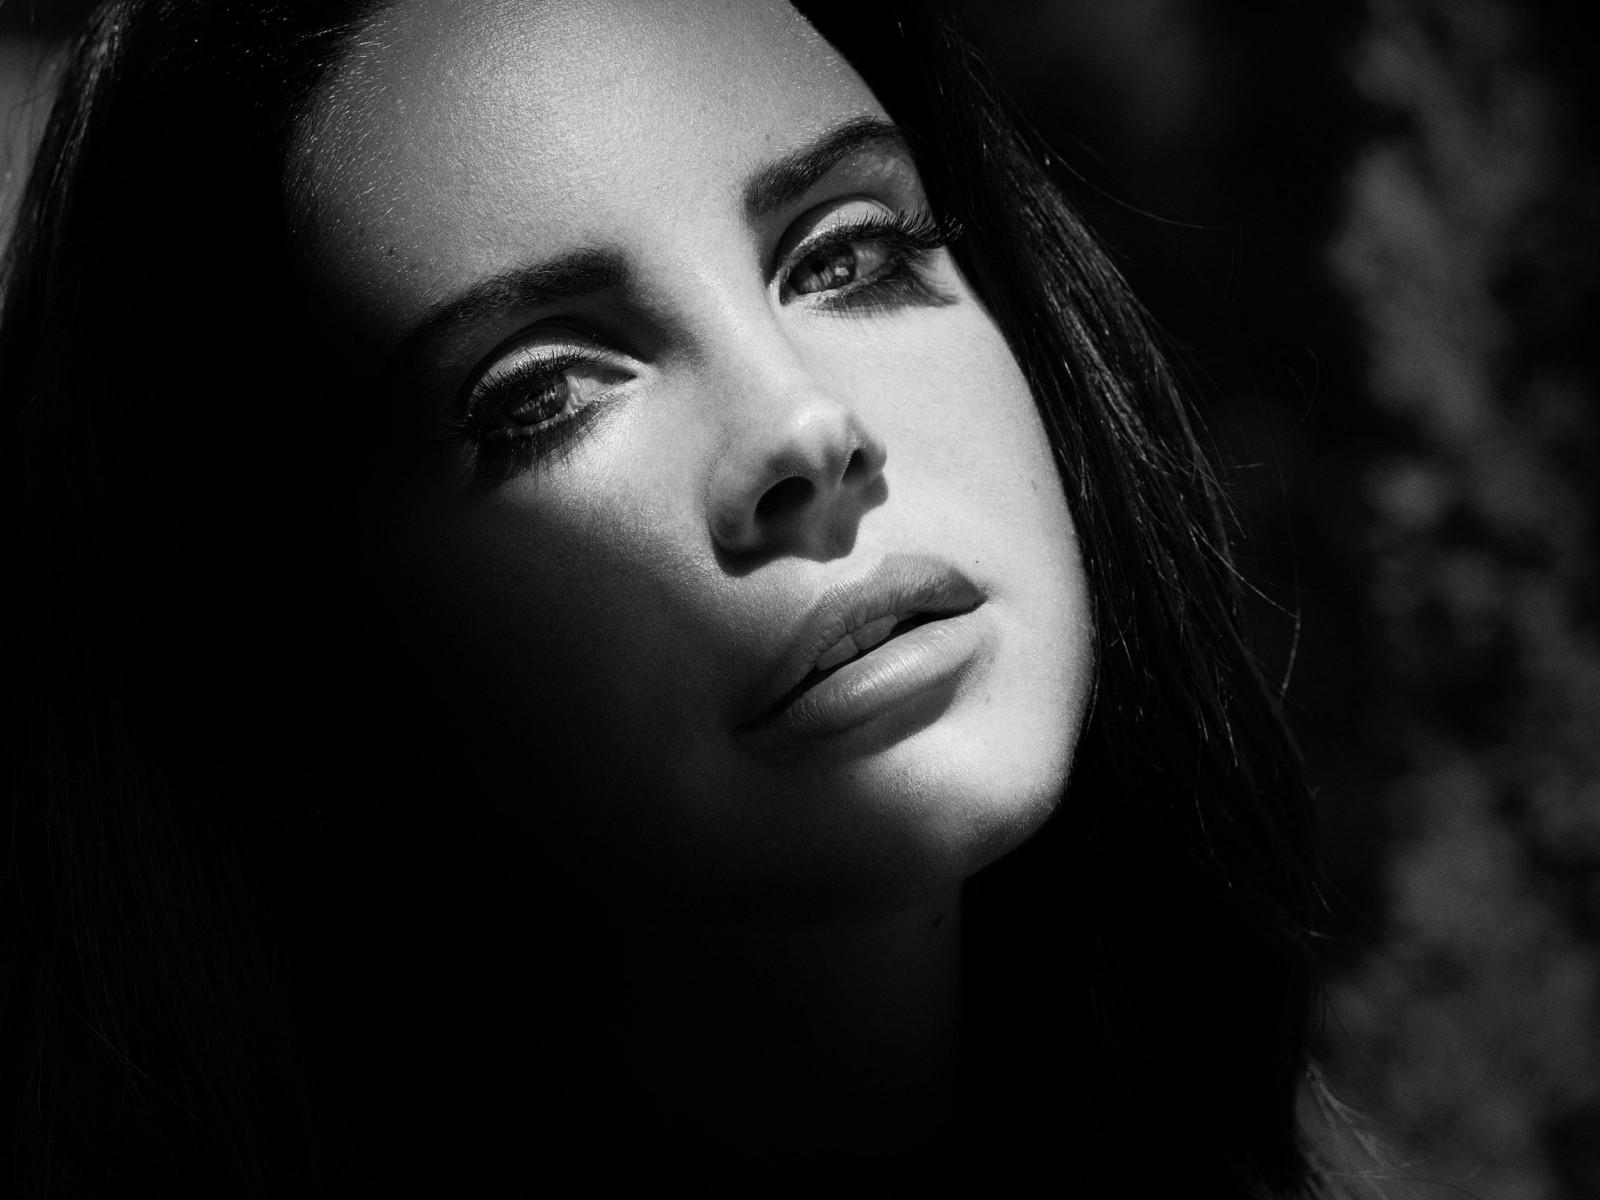 Wallpaper : face, model, celebrity, singer, nose, emotion ...